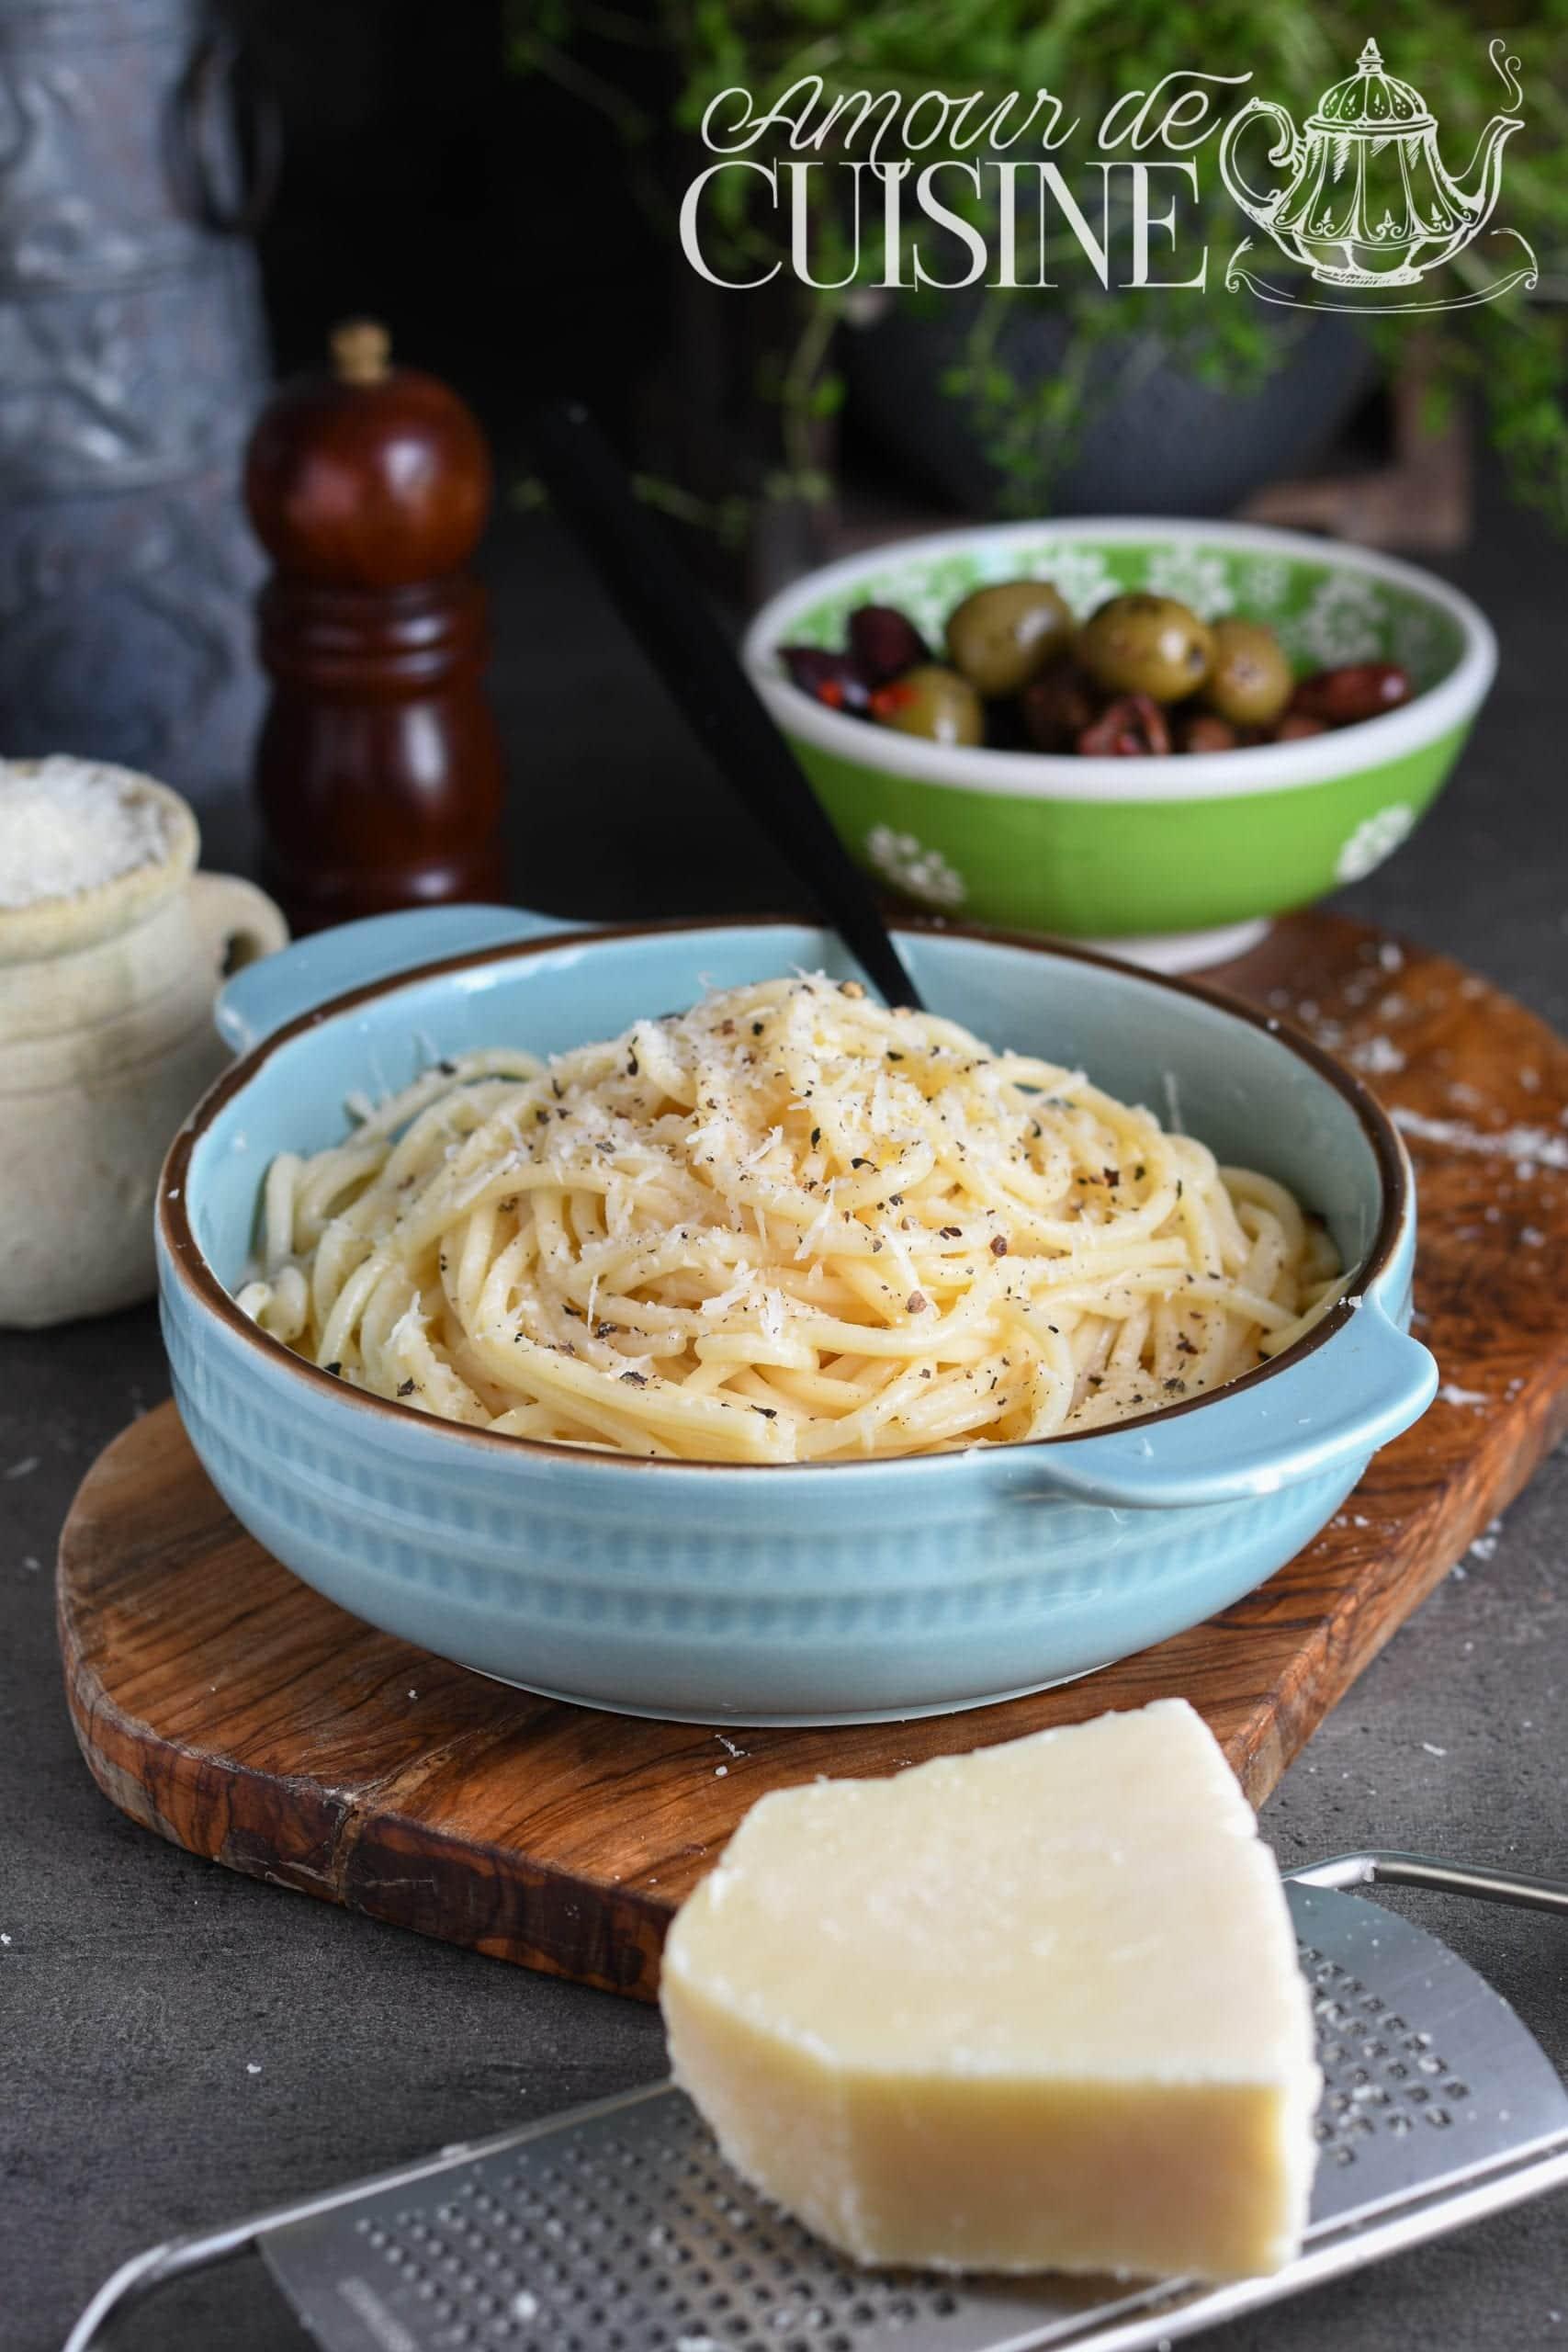 Recette de spaghetti cacio e pepe